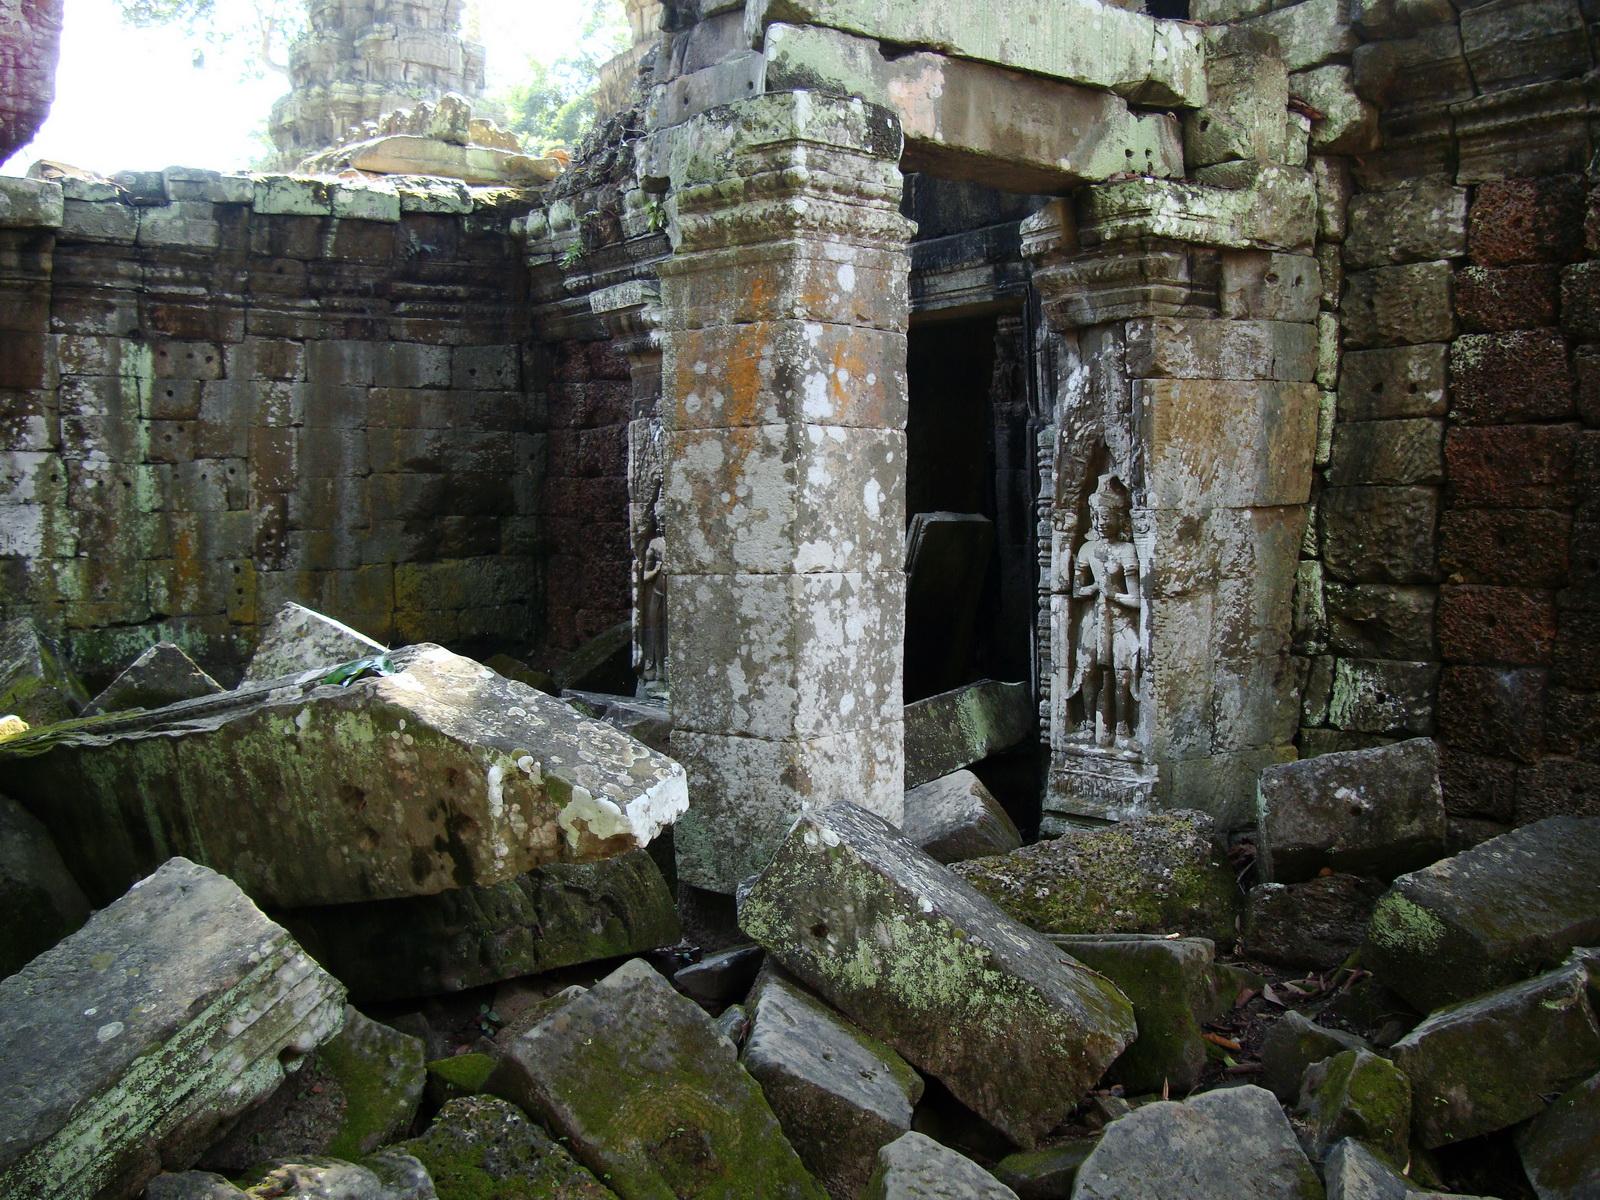 Ta Prohm Tomb Raider Bayon architecture central sanctuary area 25